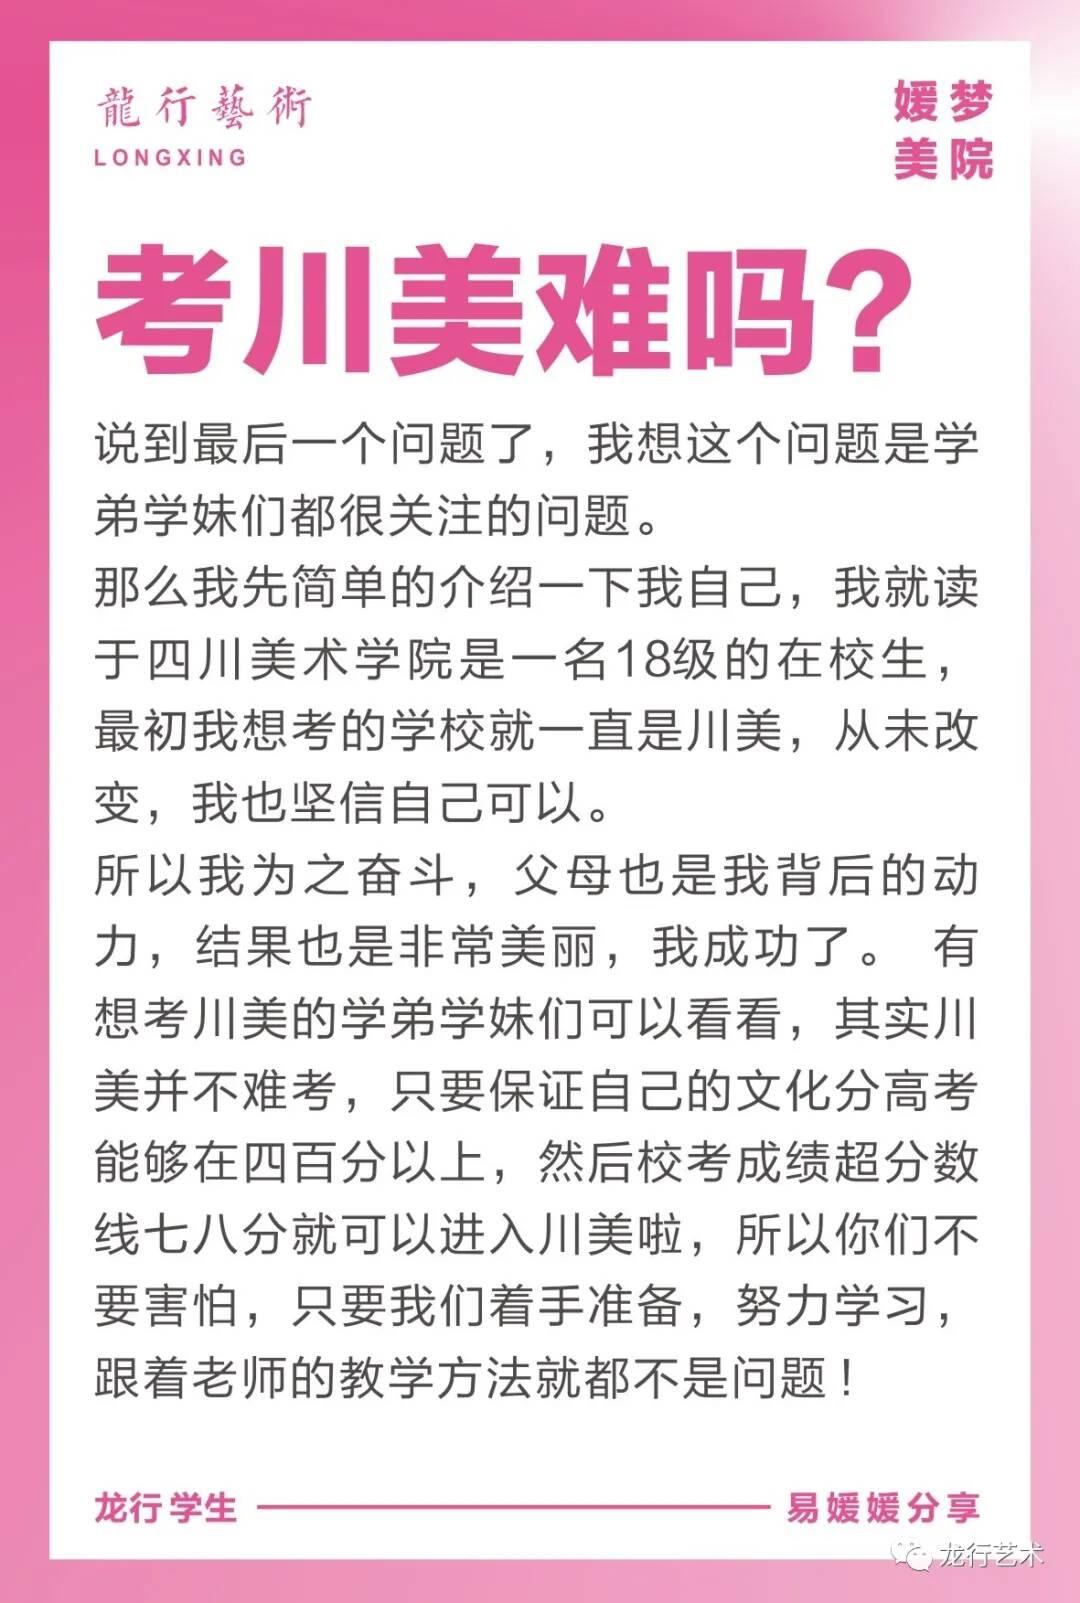 学姐说|四川美院文化分要求多少? 我应该参加校考吗?